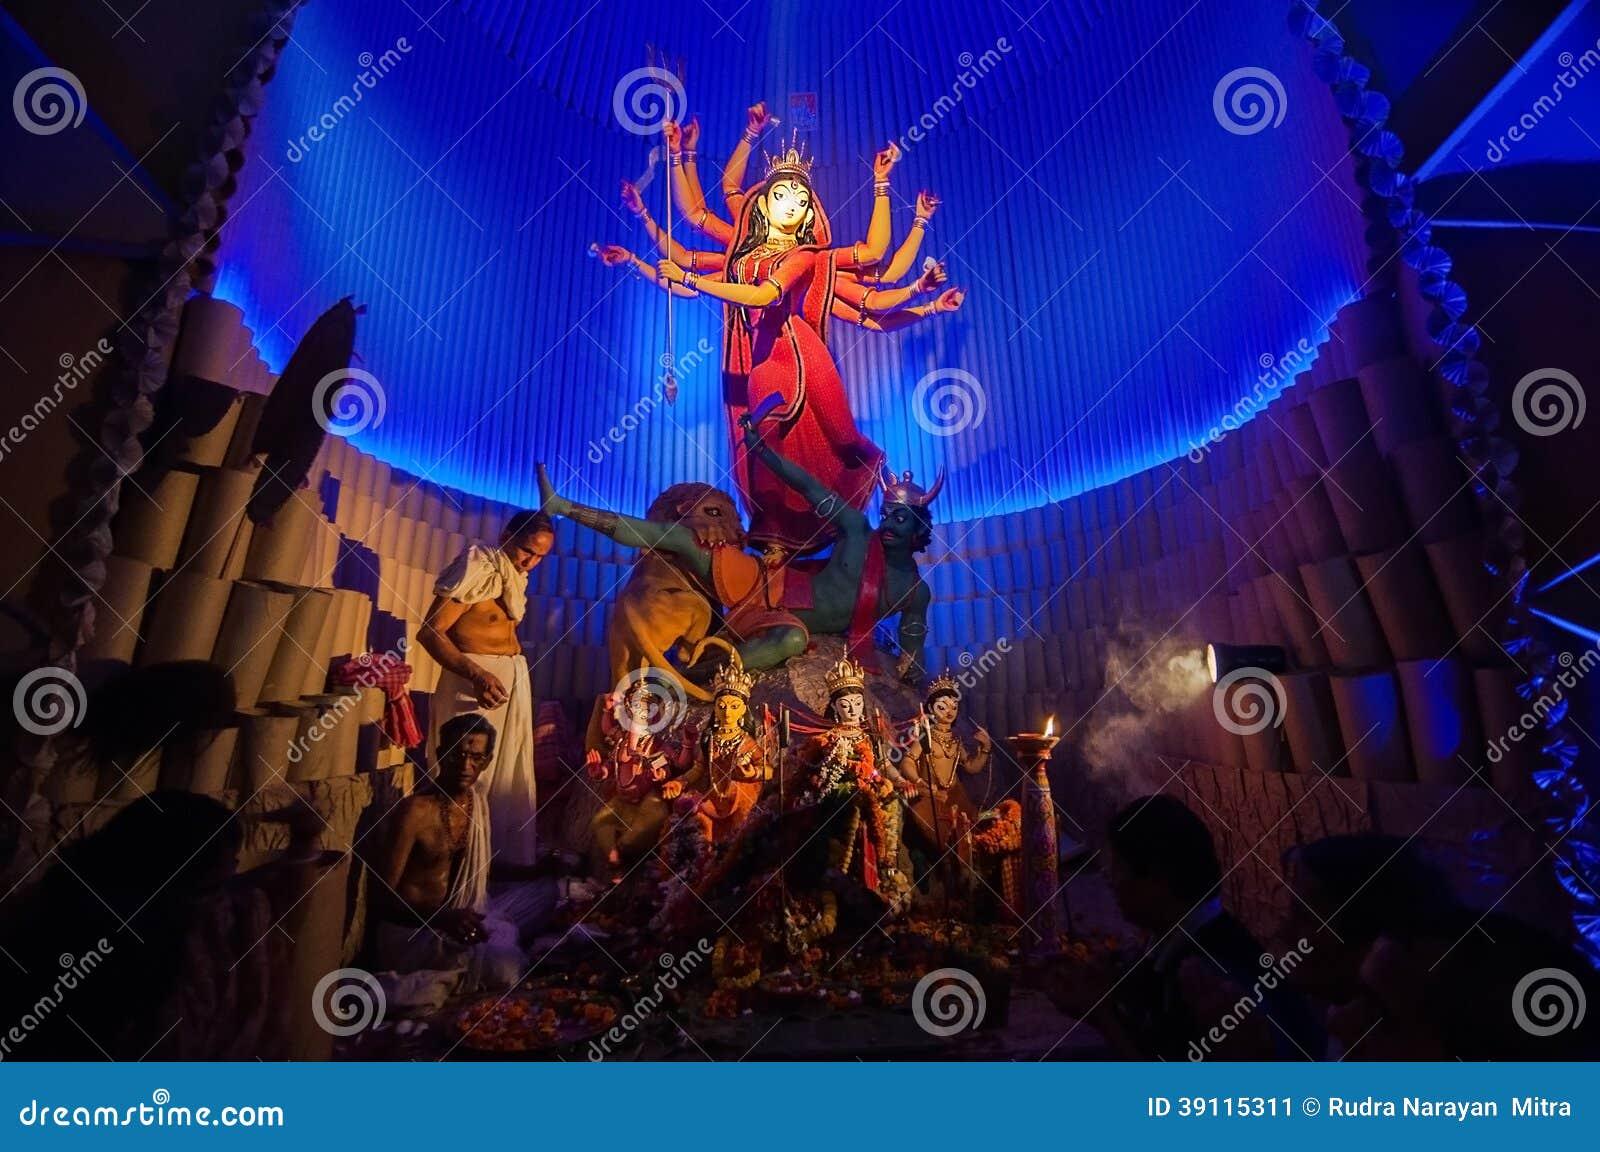 Durga Puja-festival in Kolkata, India